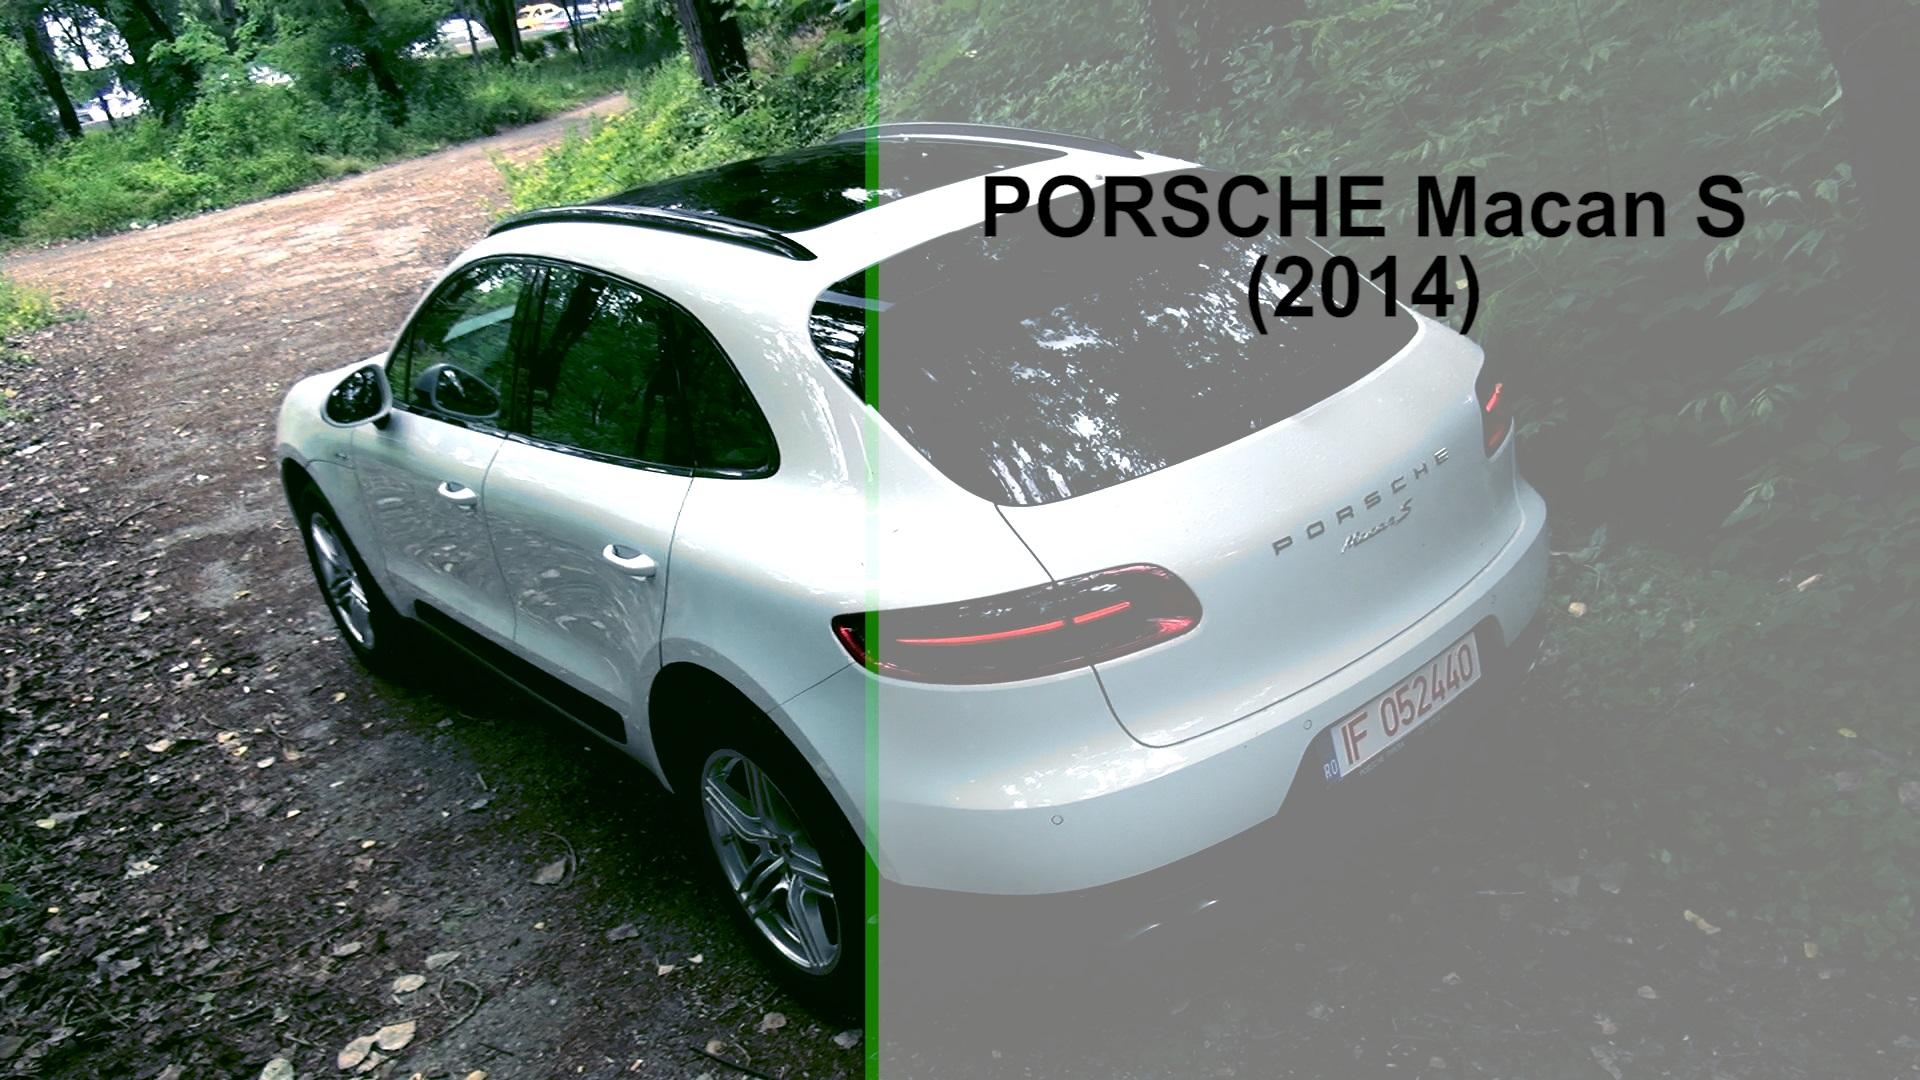 Porsche Macan S (2014)